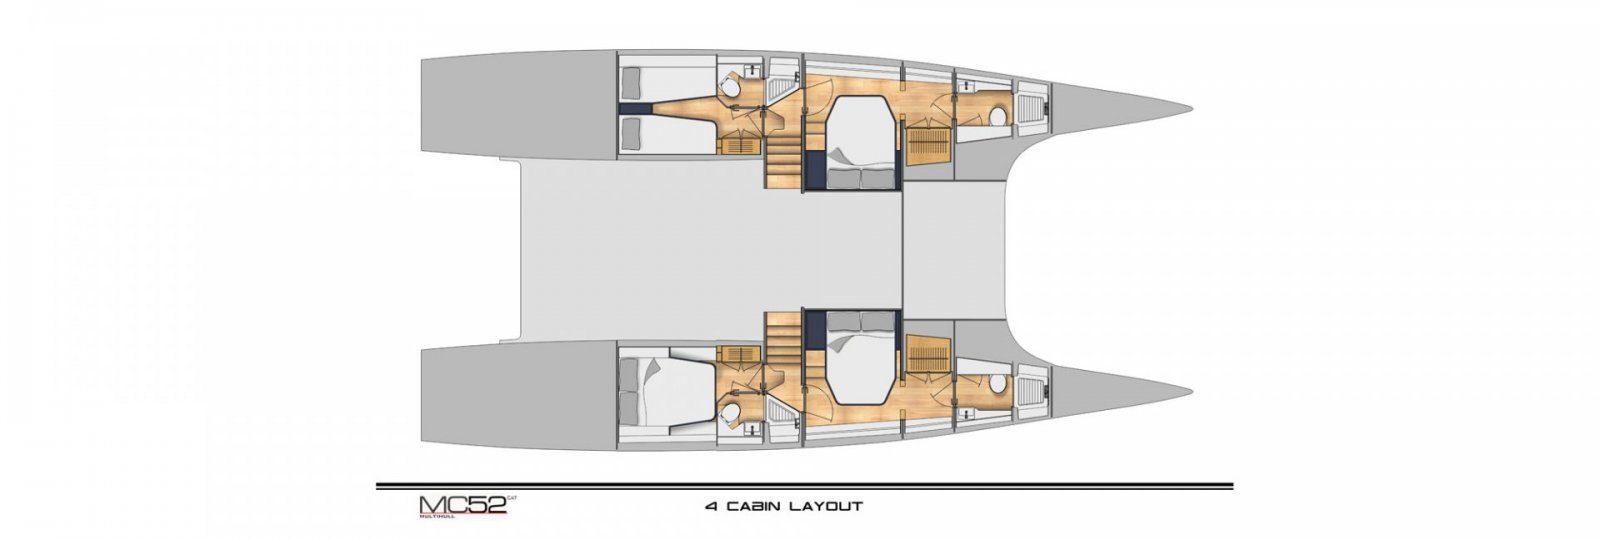 mc52-4-cabin-layout